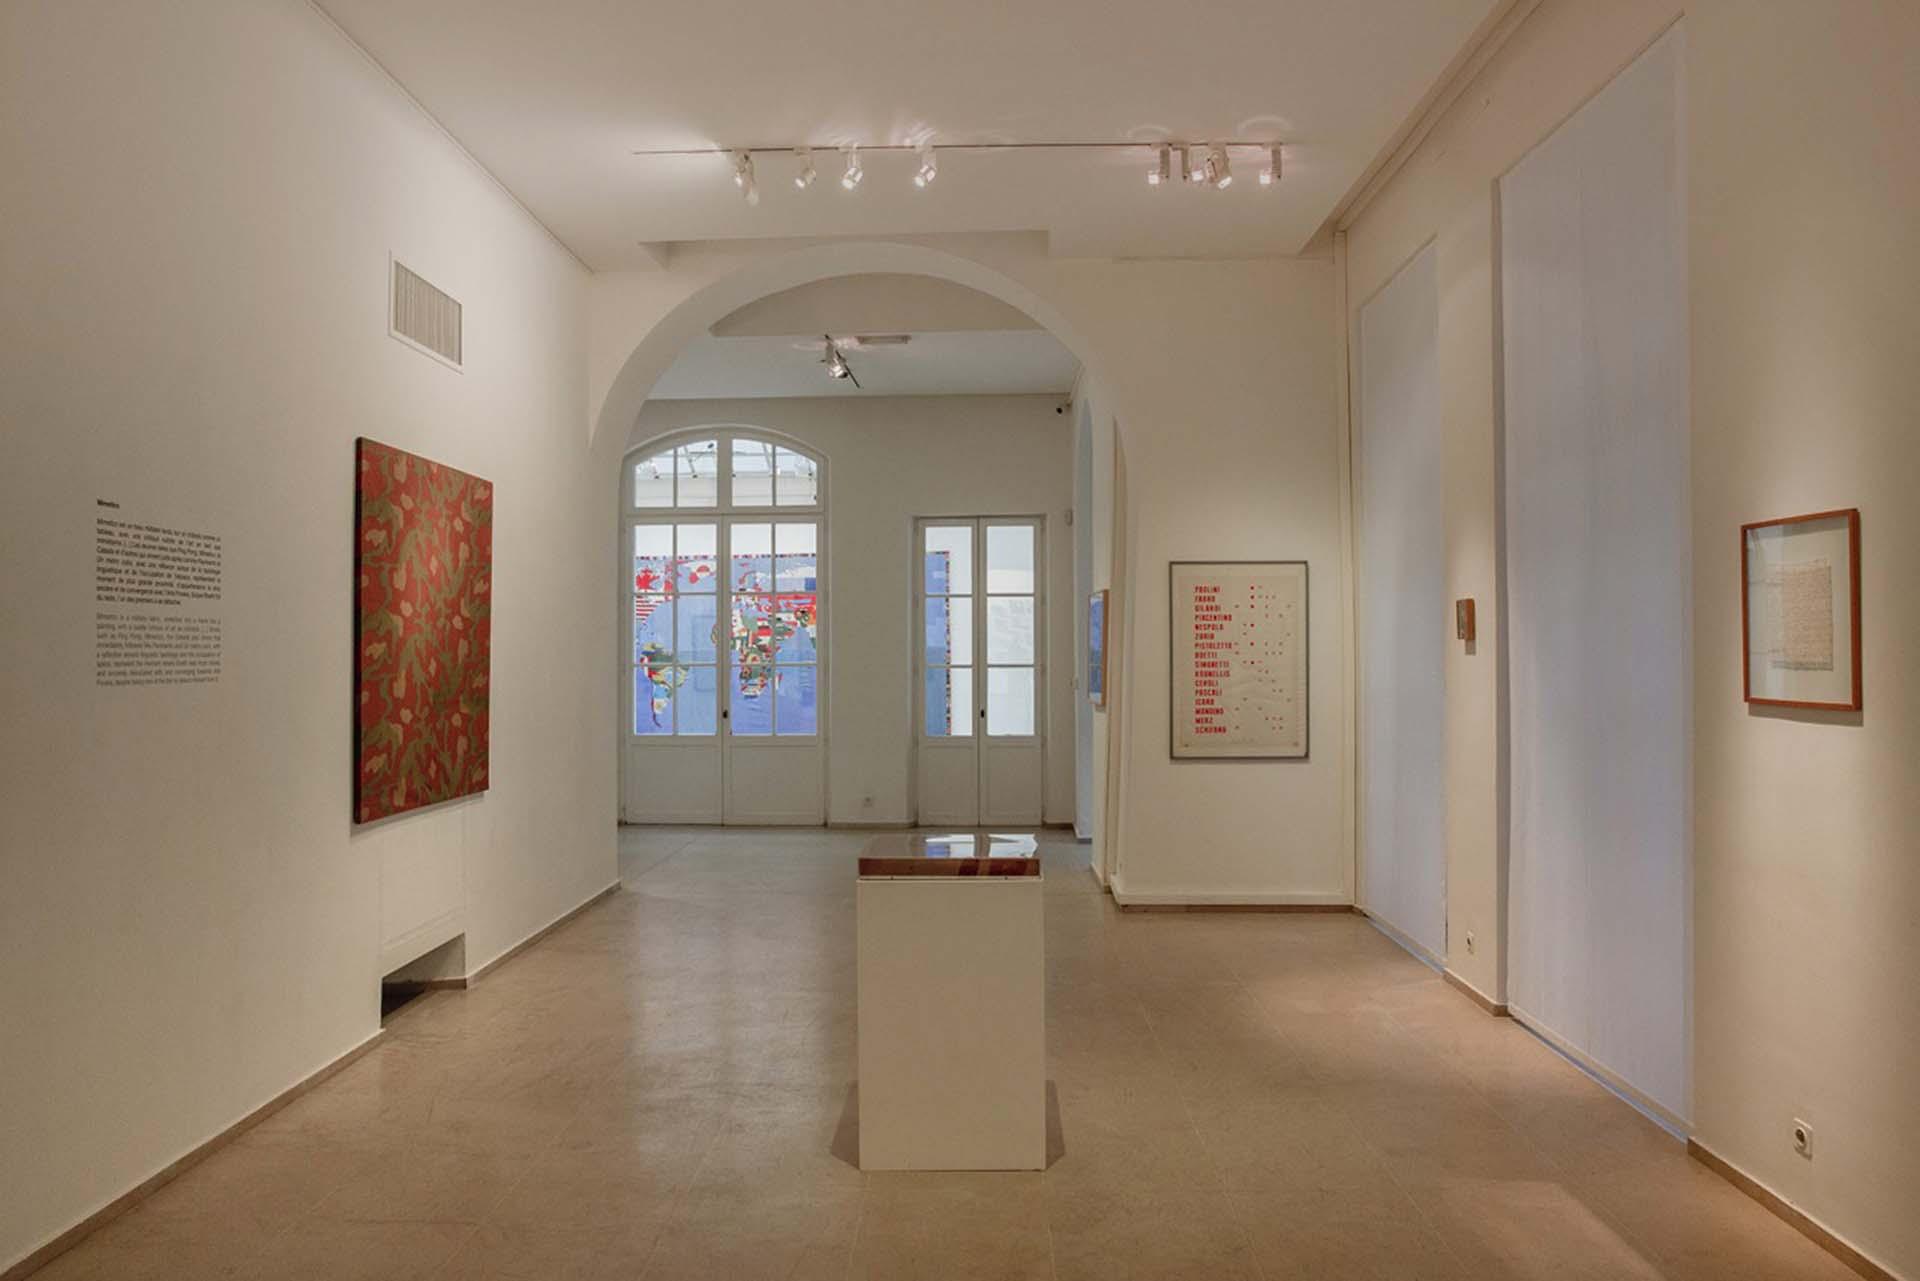 Exposition-Alighiero-Boetti-2017-Tornabuoni-Art-Paris-Courtesy-Tornabuoni-Art